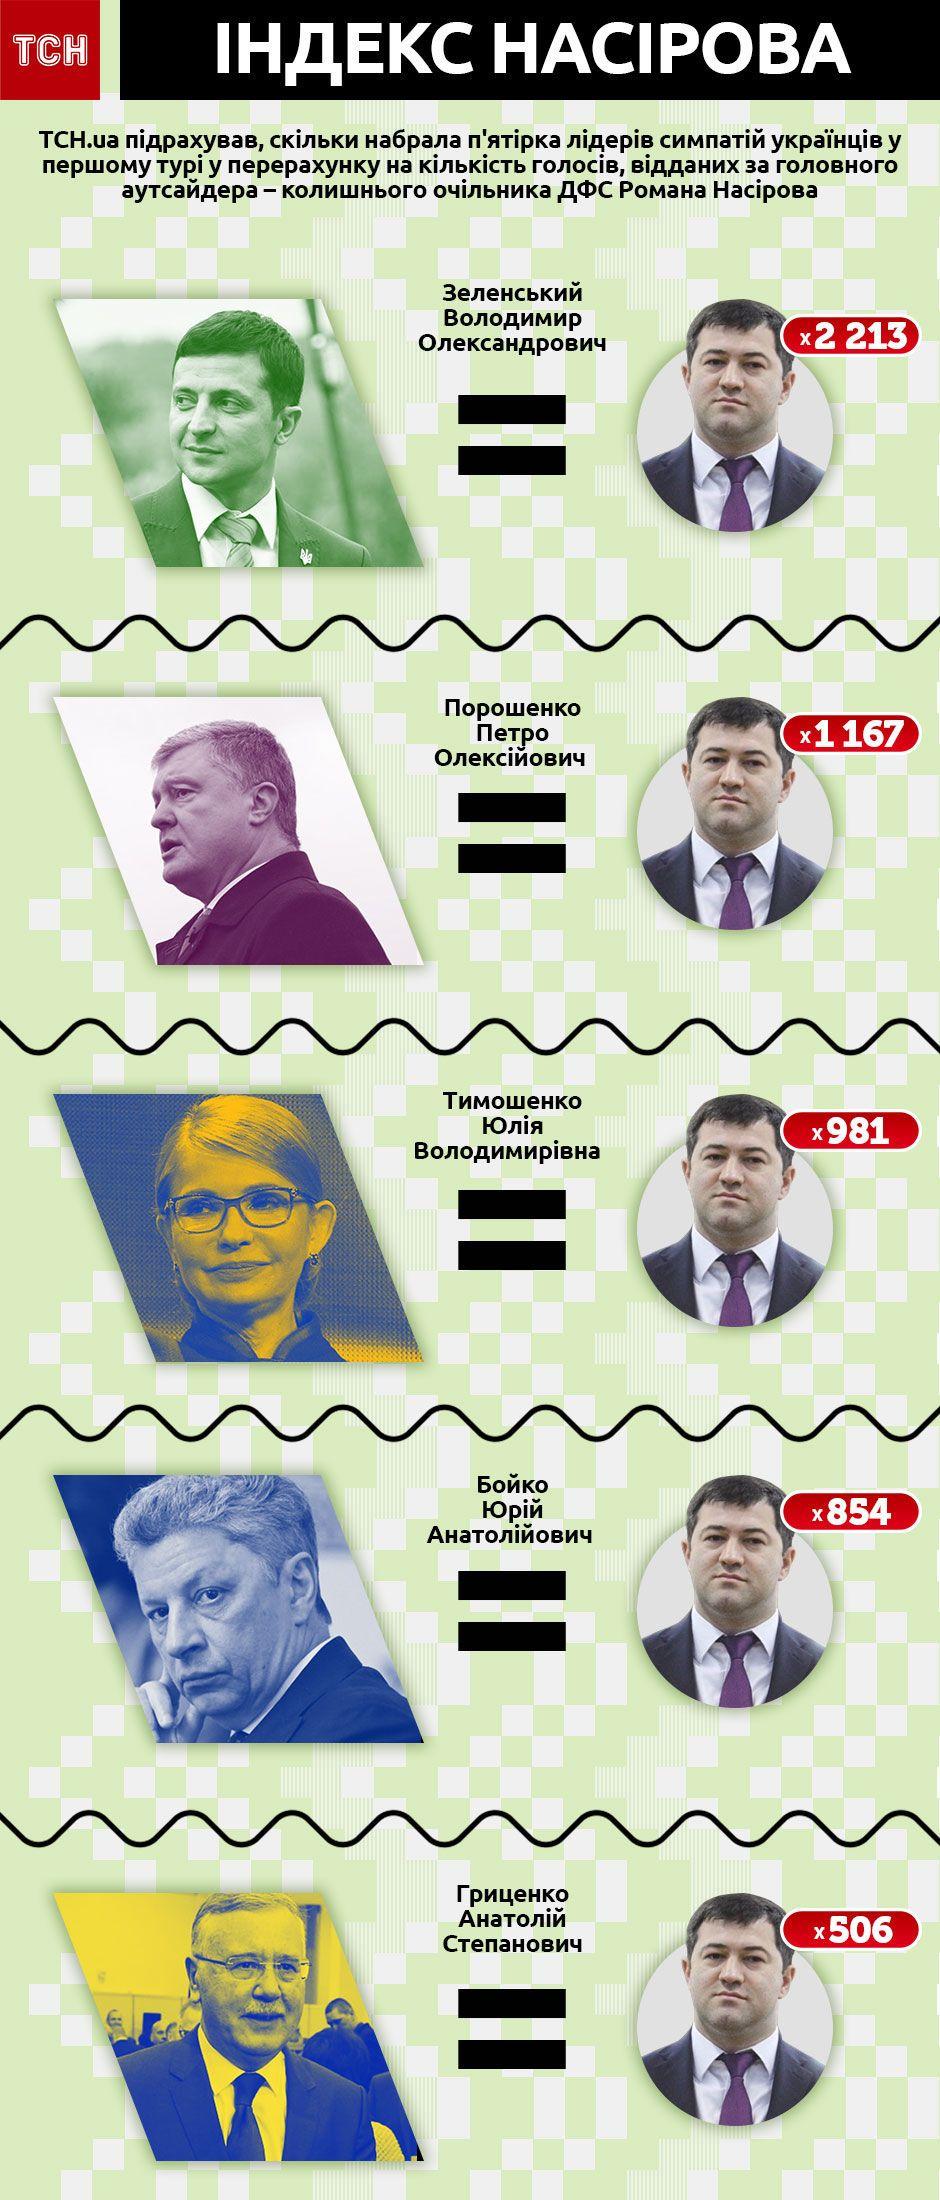 Індекс Насірова, результати лідерів виборів у голосах за Насірова, інфографіка